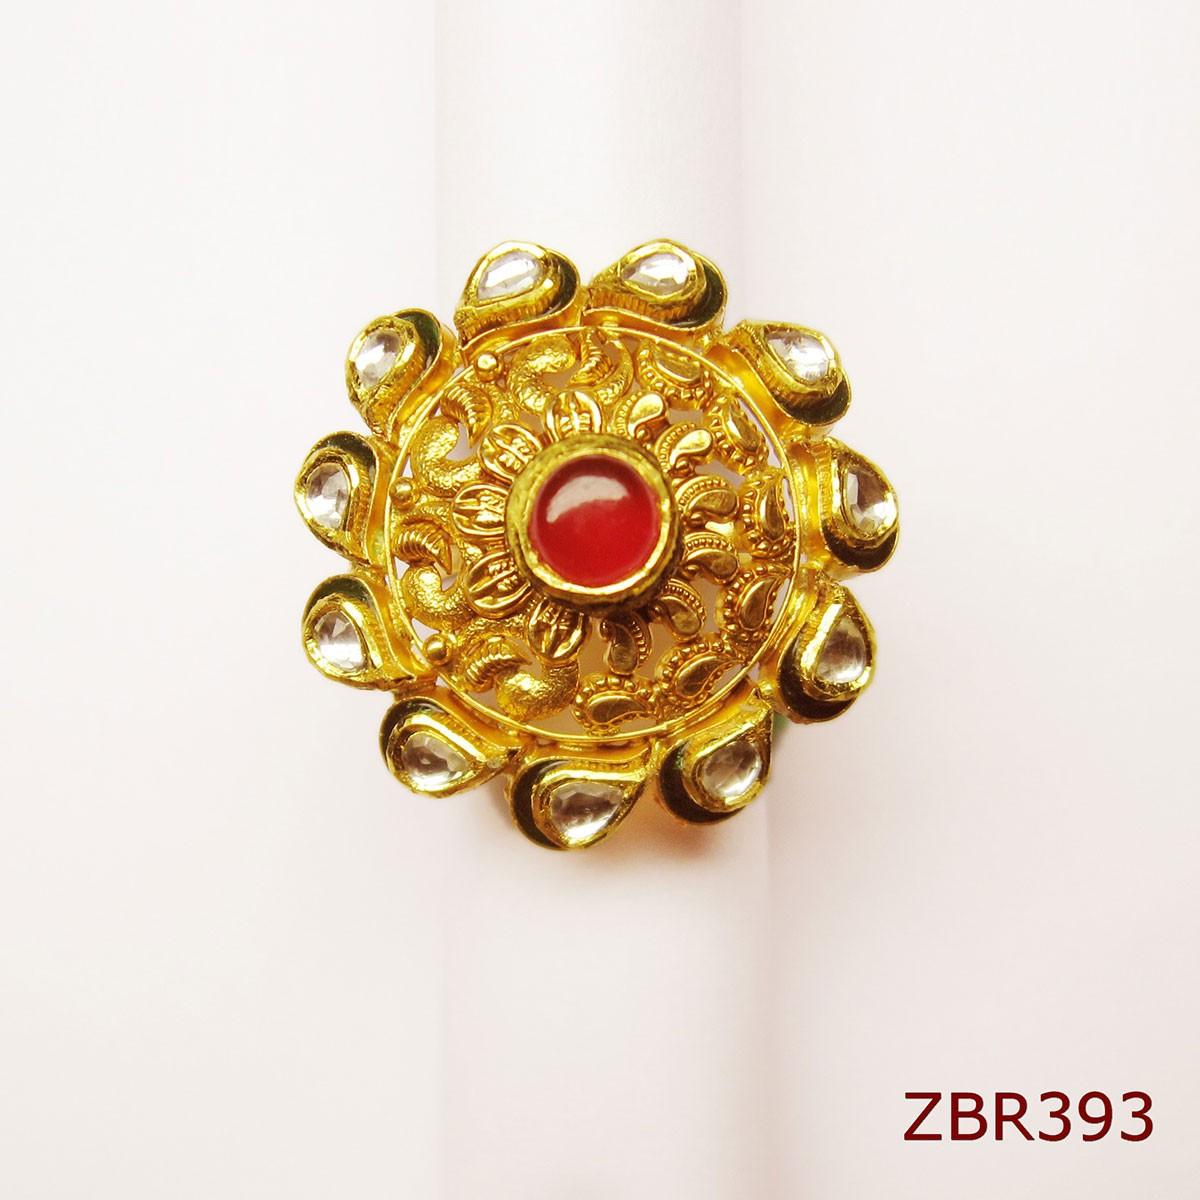 ZBR393